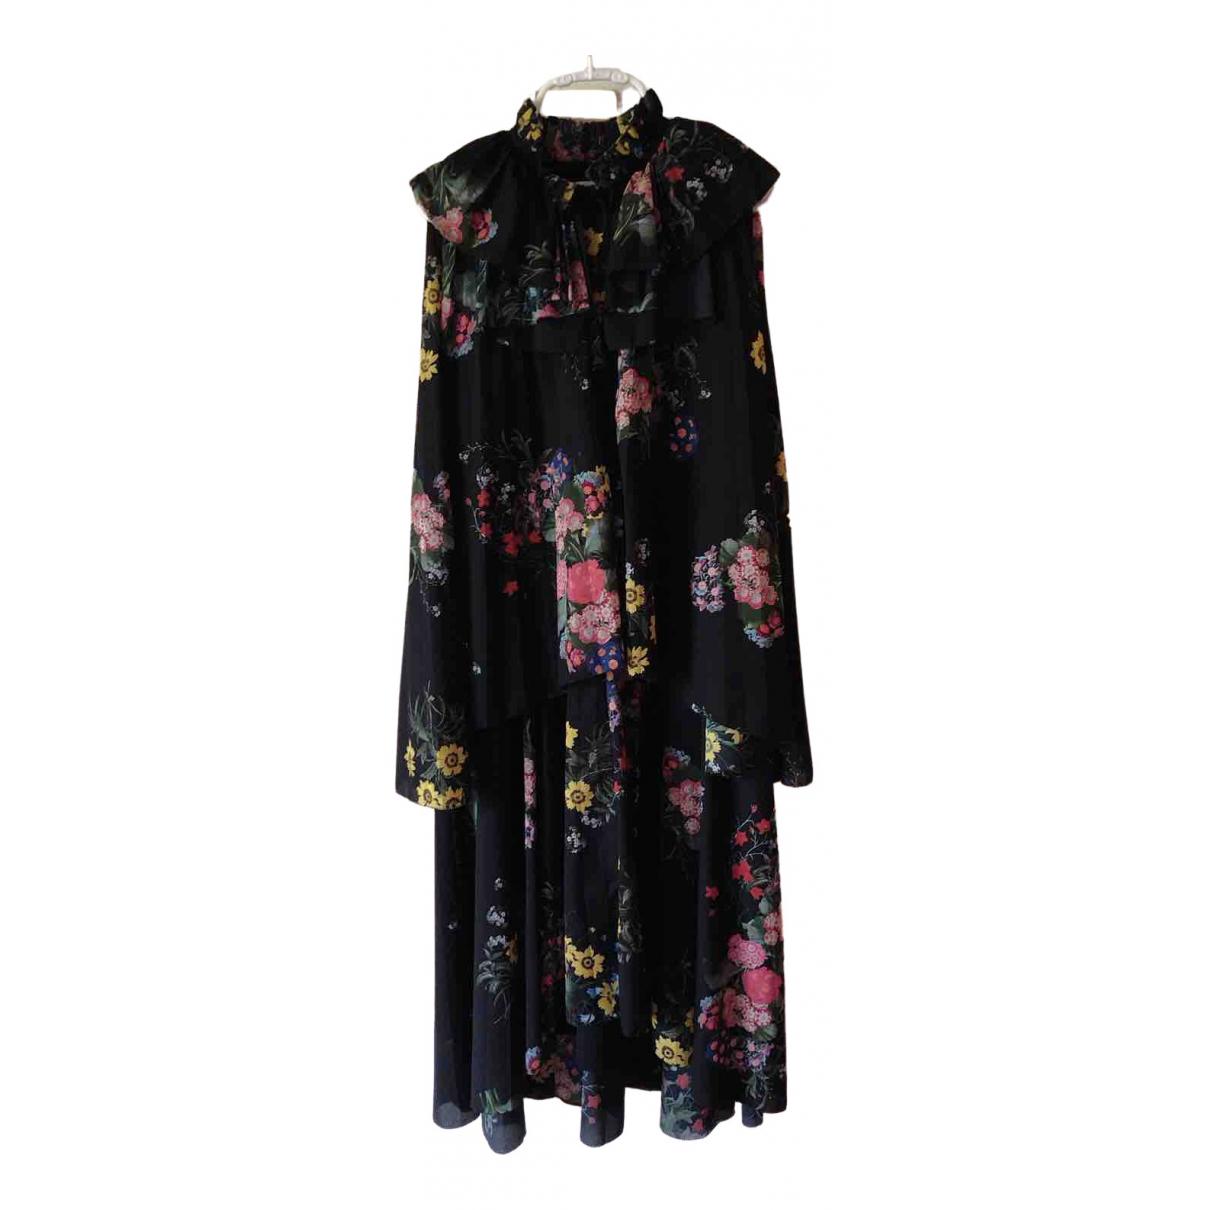 Erdem X H&m \N Multicolour dress for Women 36 FR